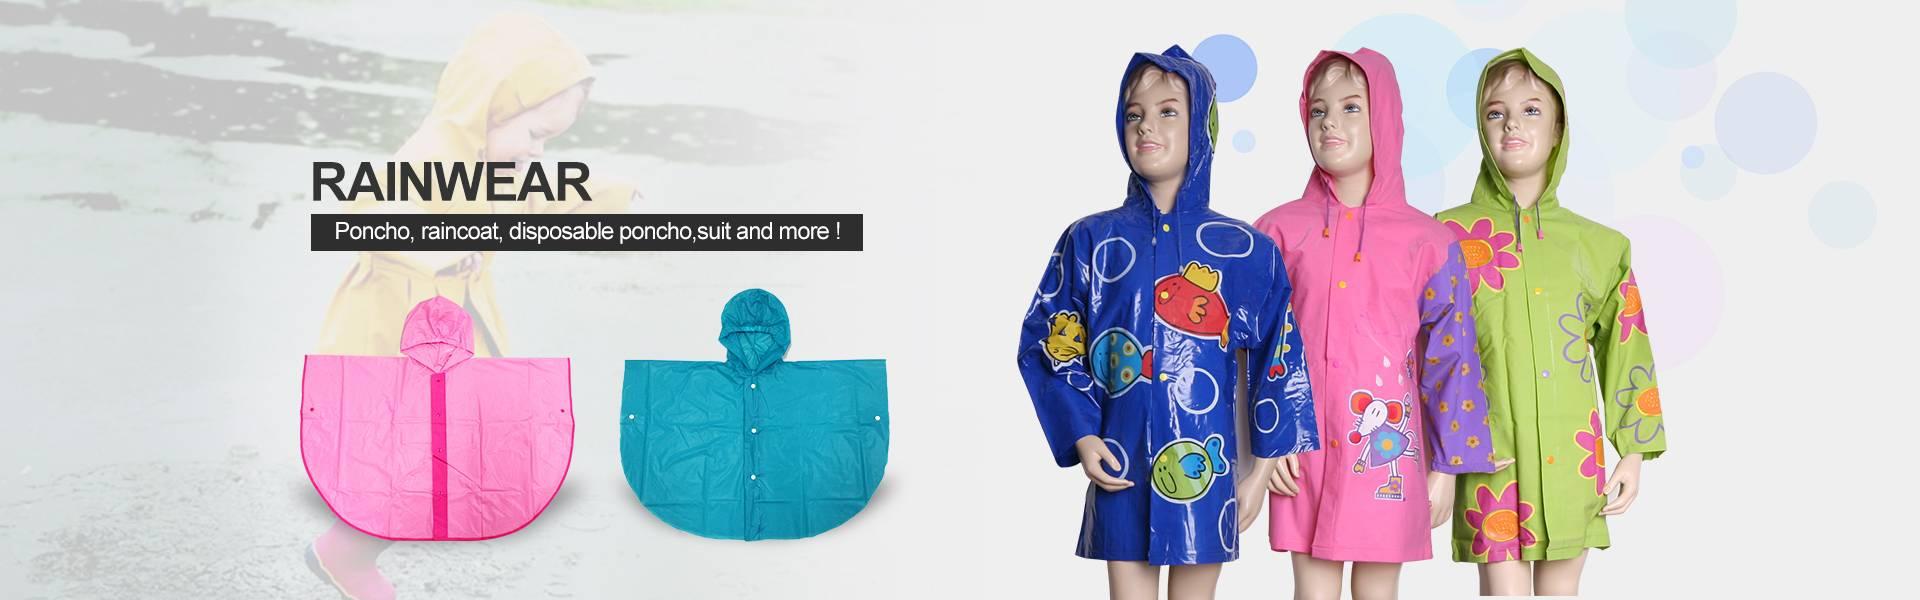 雨衣和服装